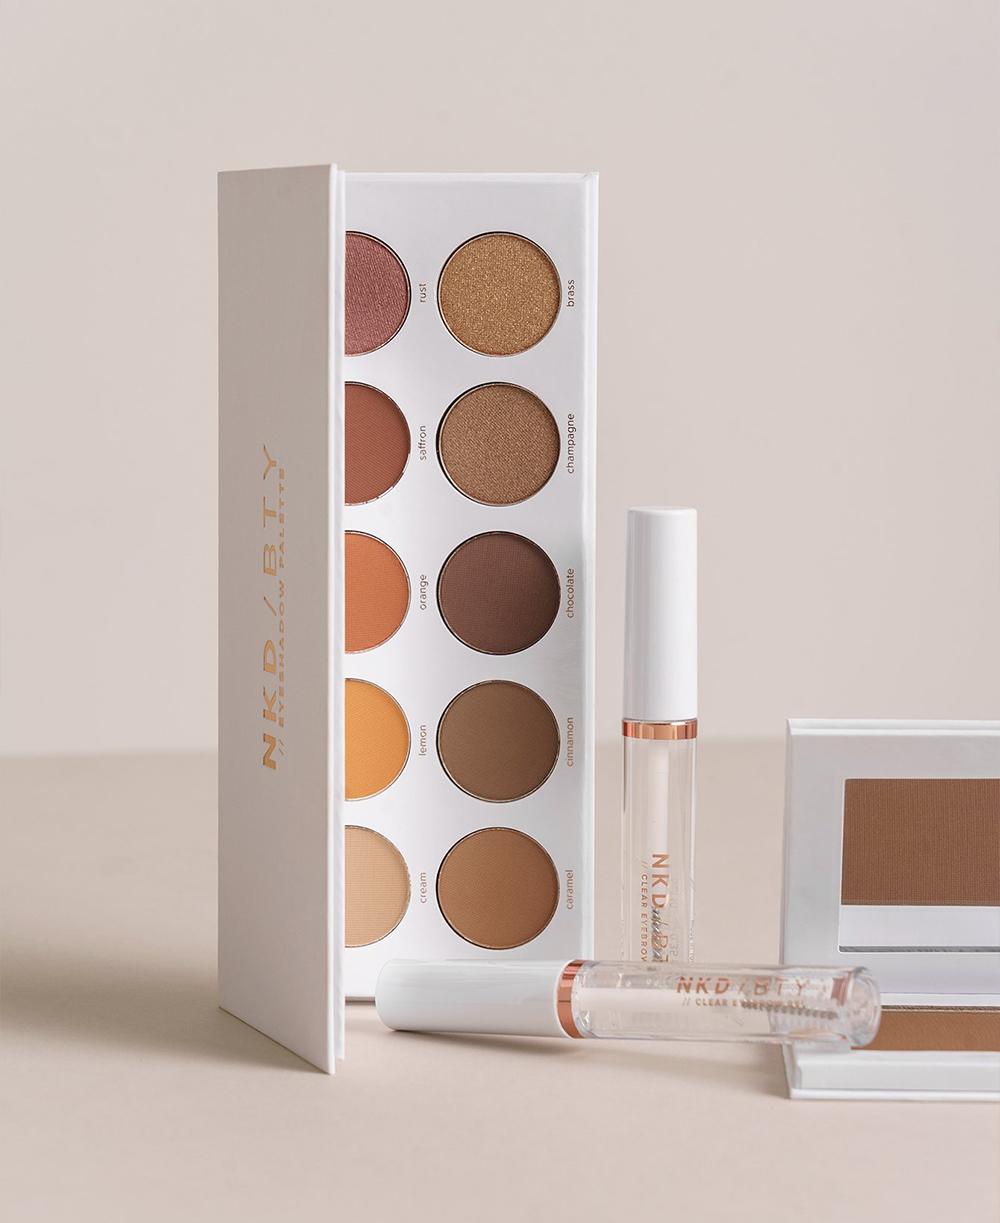 NAKD Beauty NKD / BTY Warm Eyeshadow Palette, Medium Matte Bronzer, Clear Eyebrow Gel